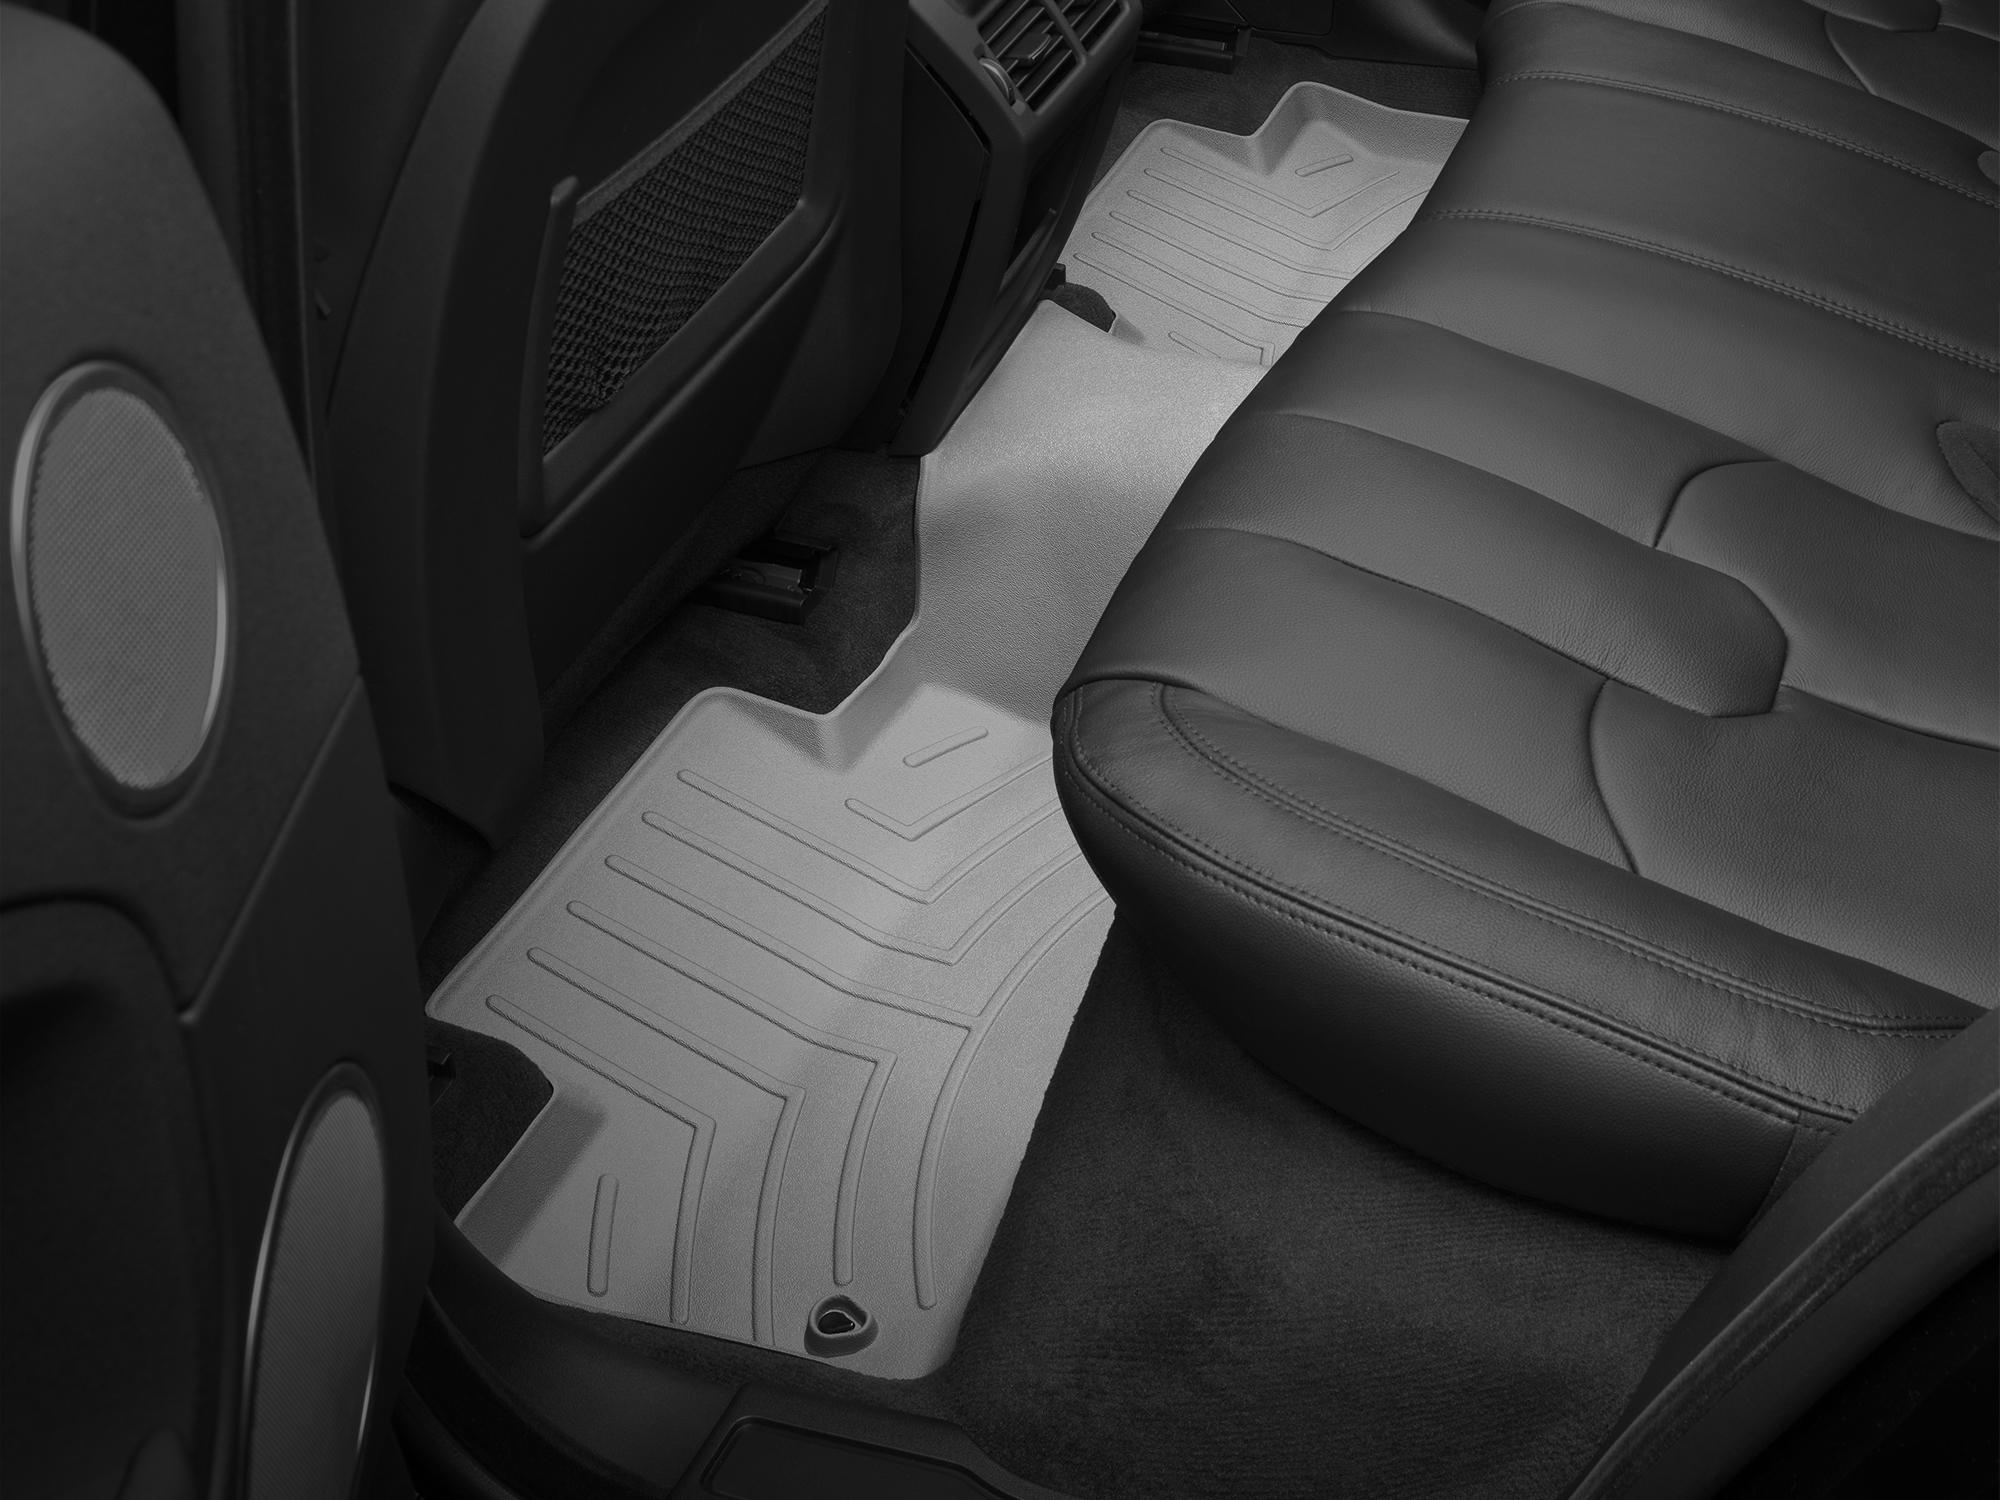 Tappeti gomma su misura bordo alto Land Rover 16>17 Grigio A2006*